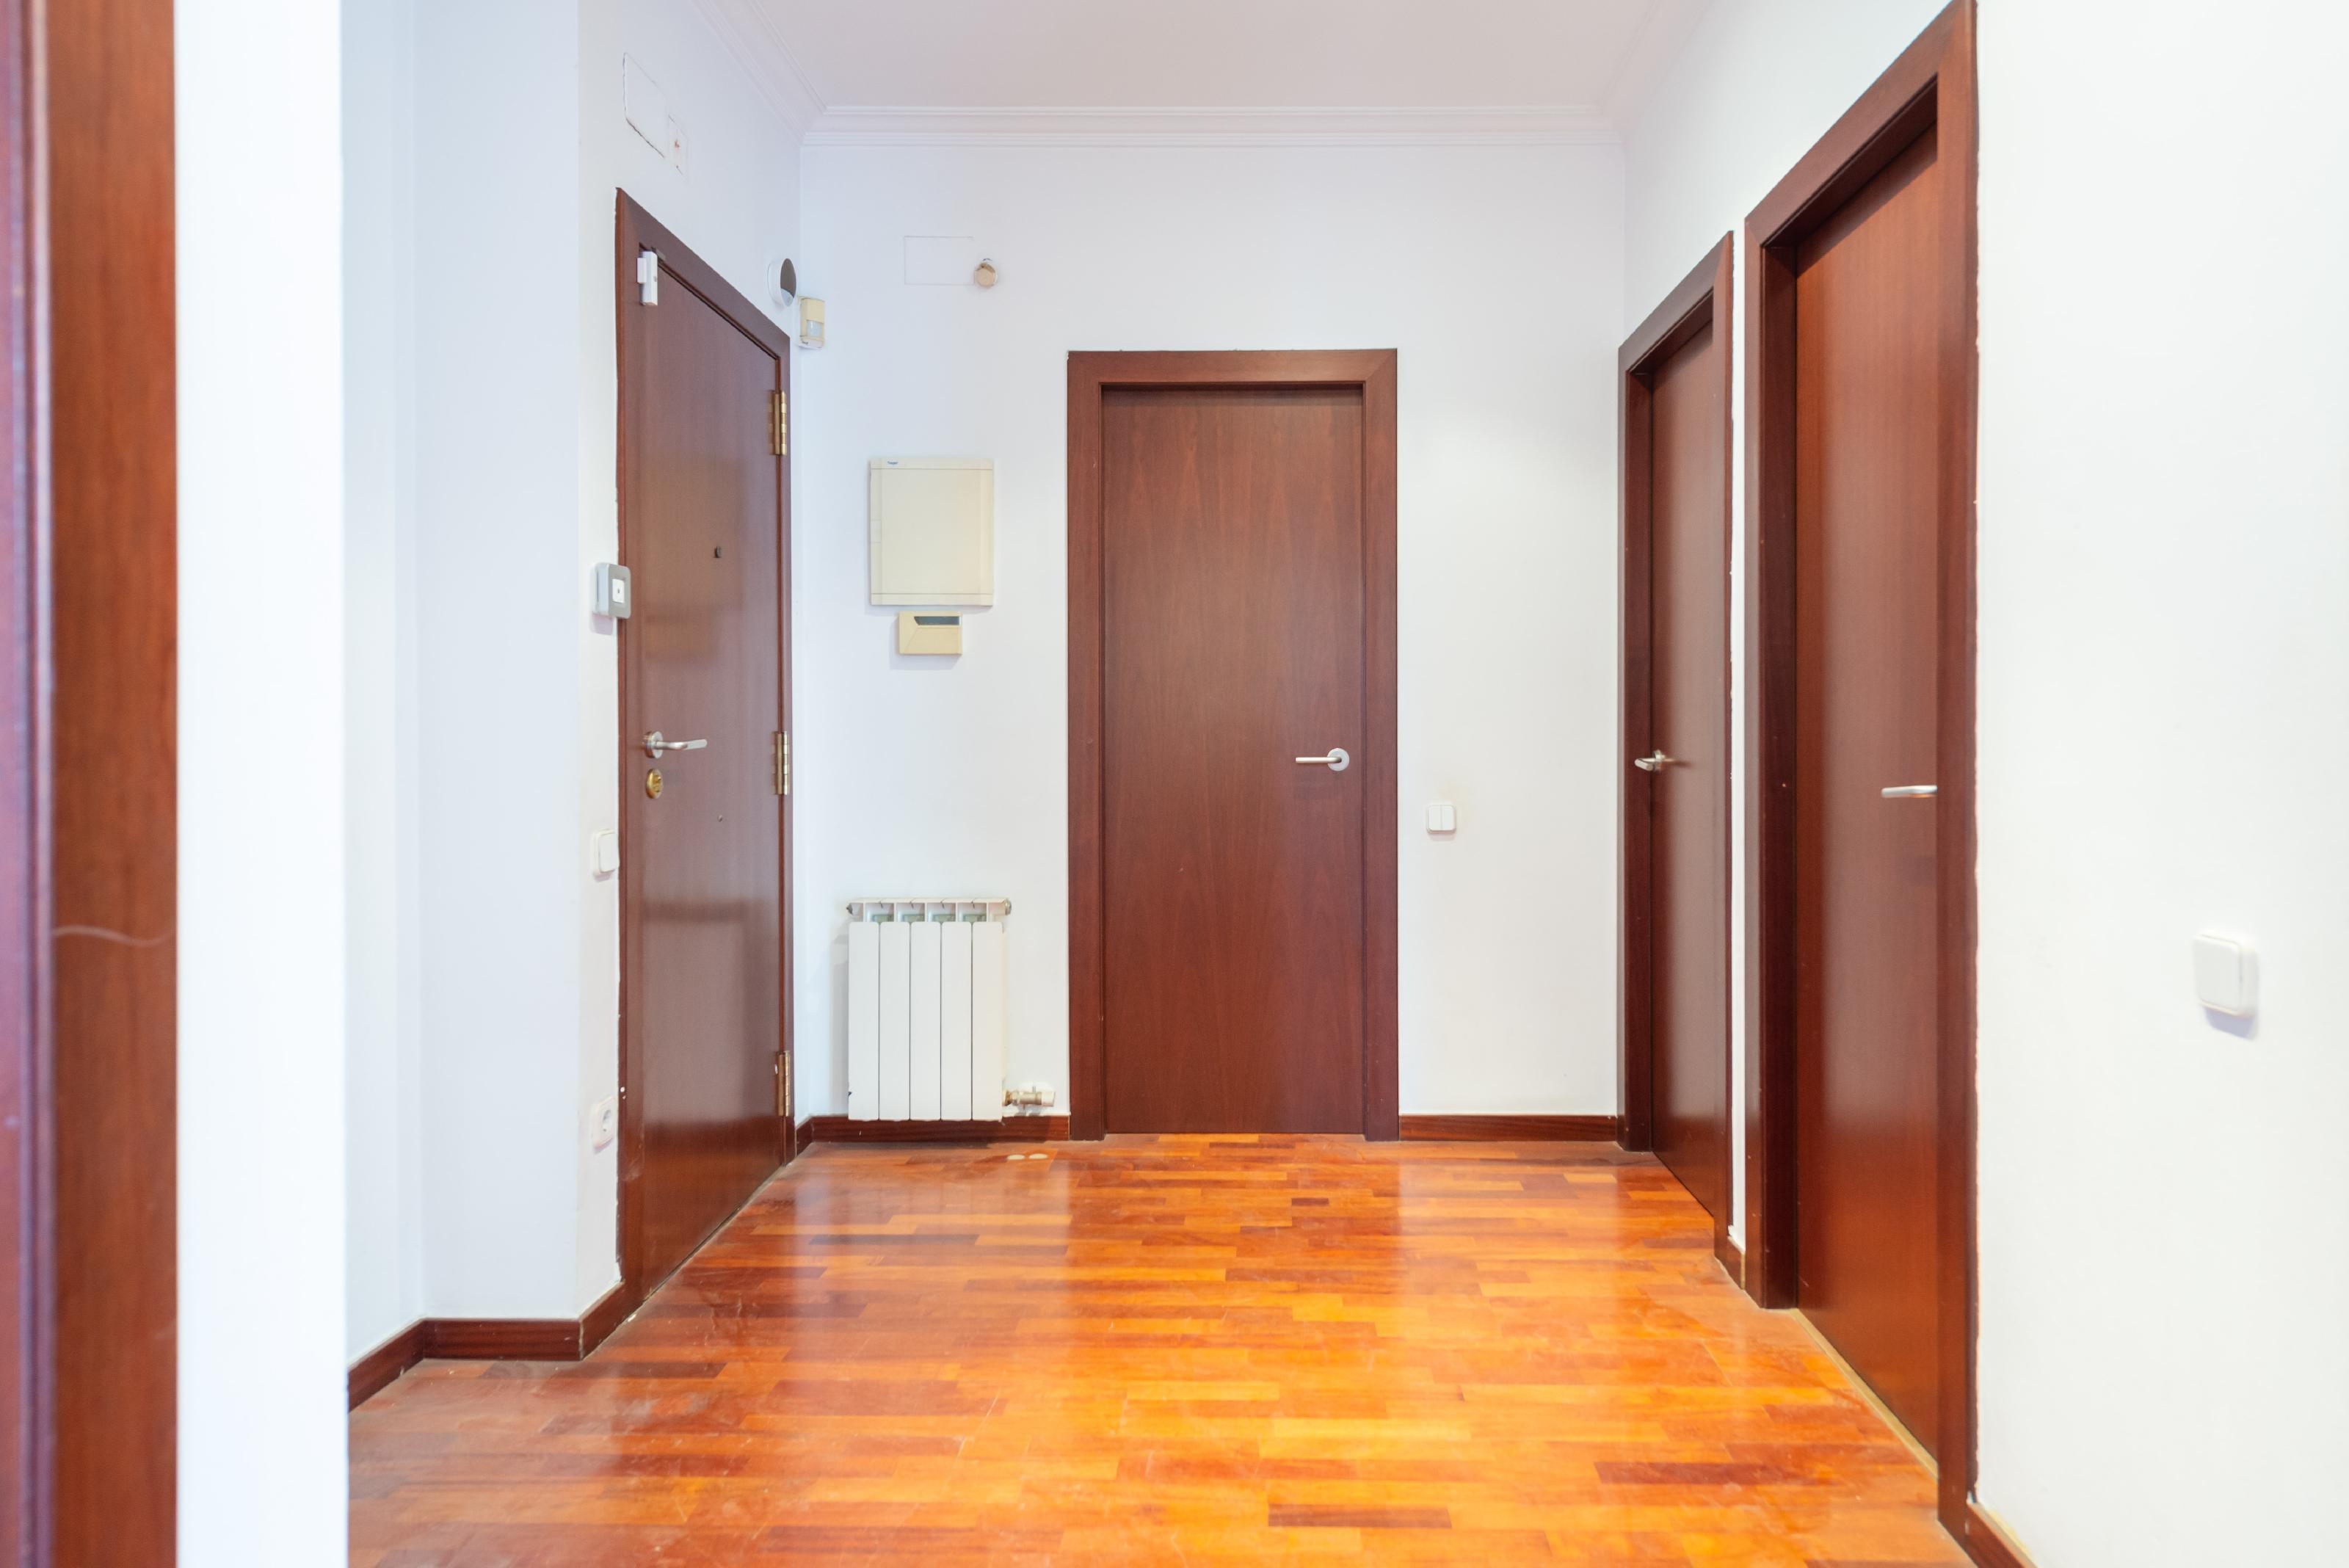 246020 Flat for sale in Sarrià-Sant Gervasi, Sarrià 5